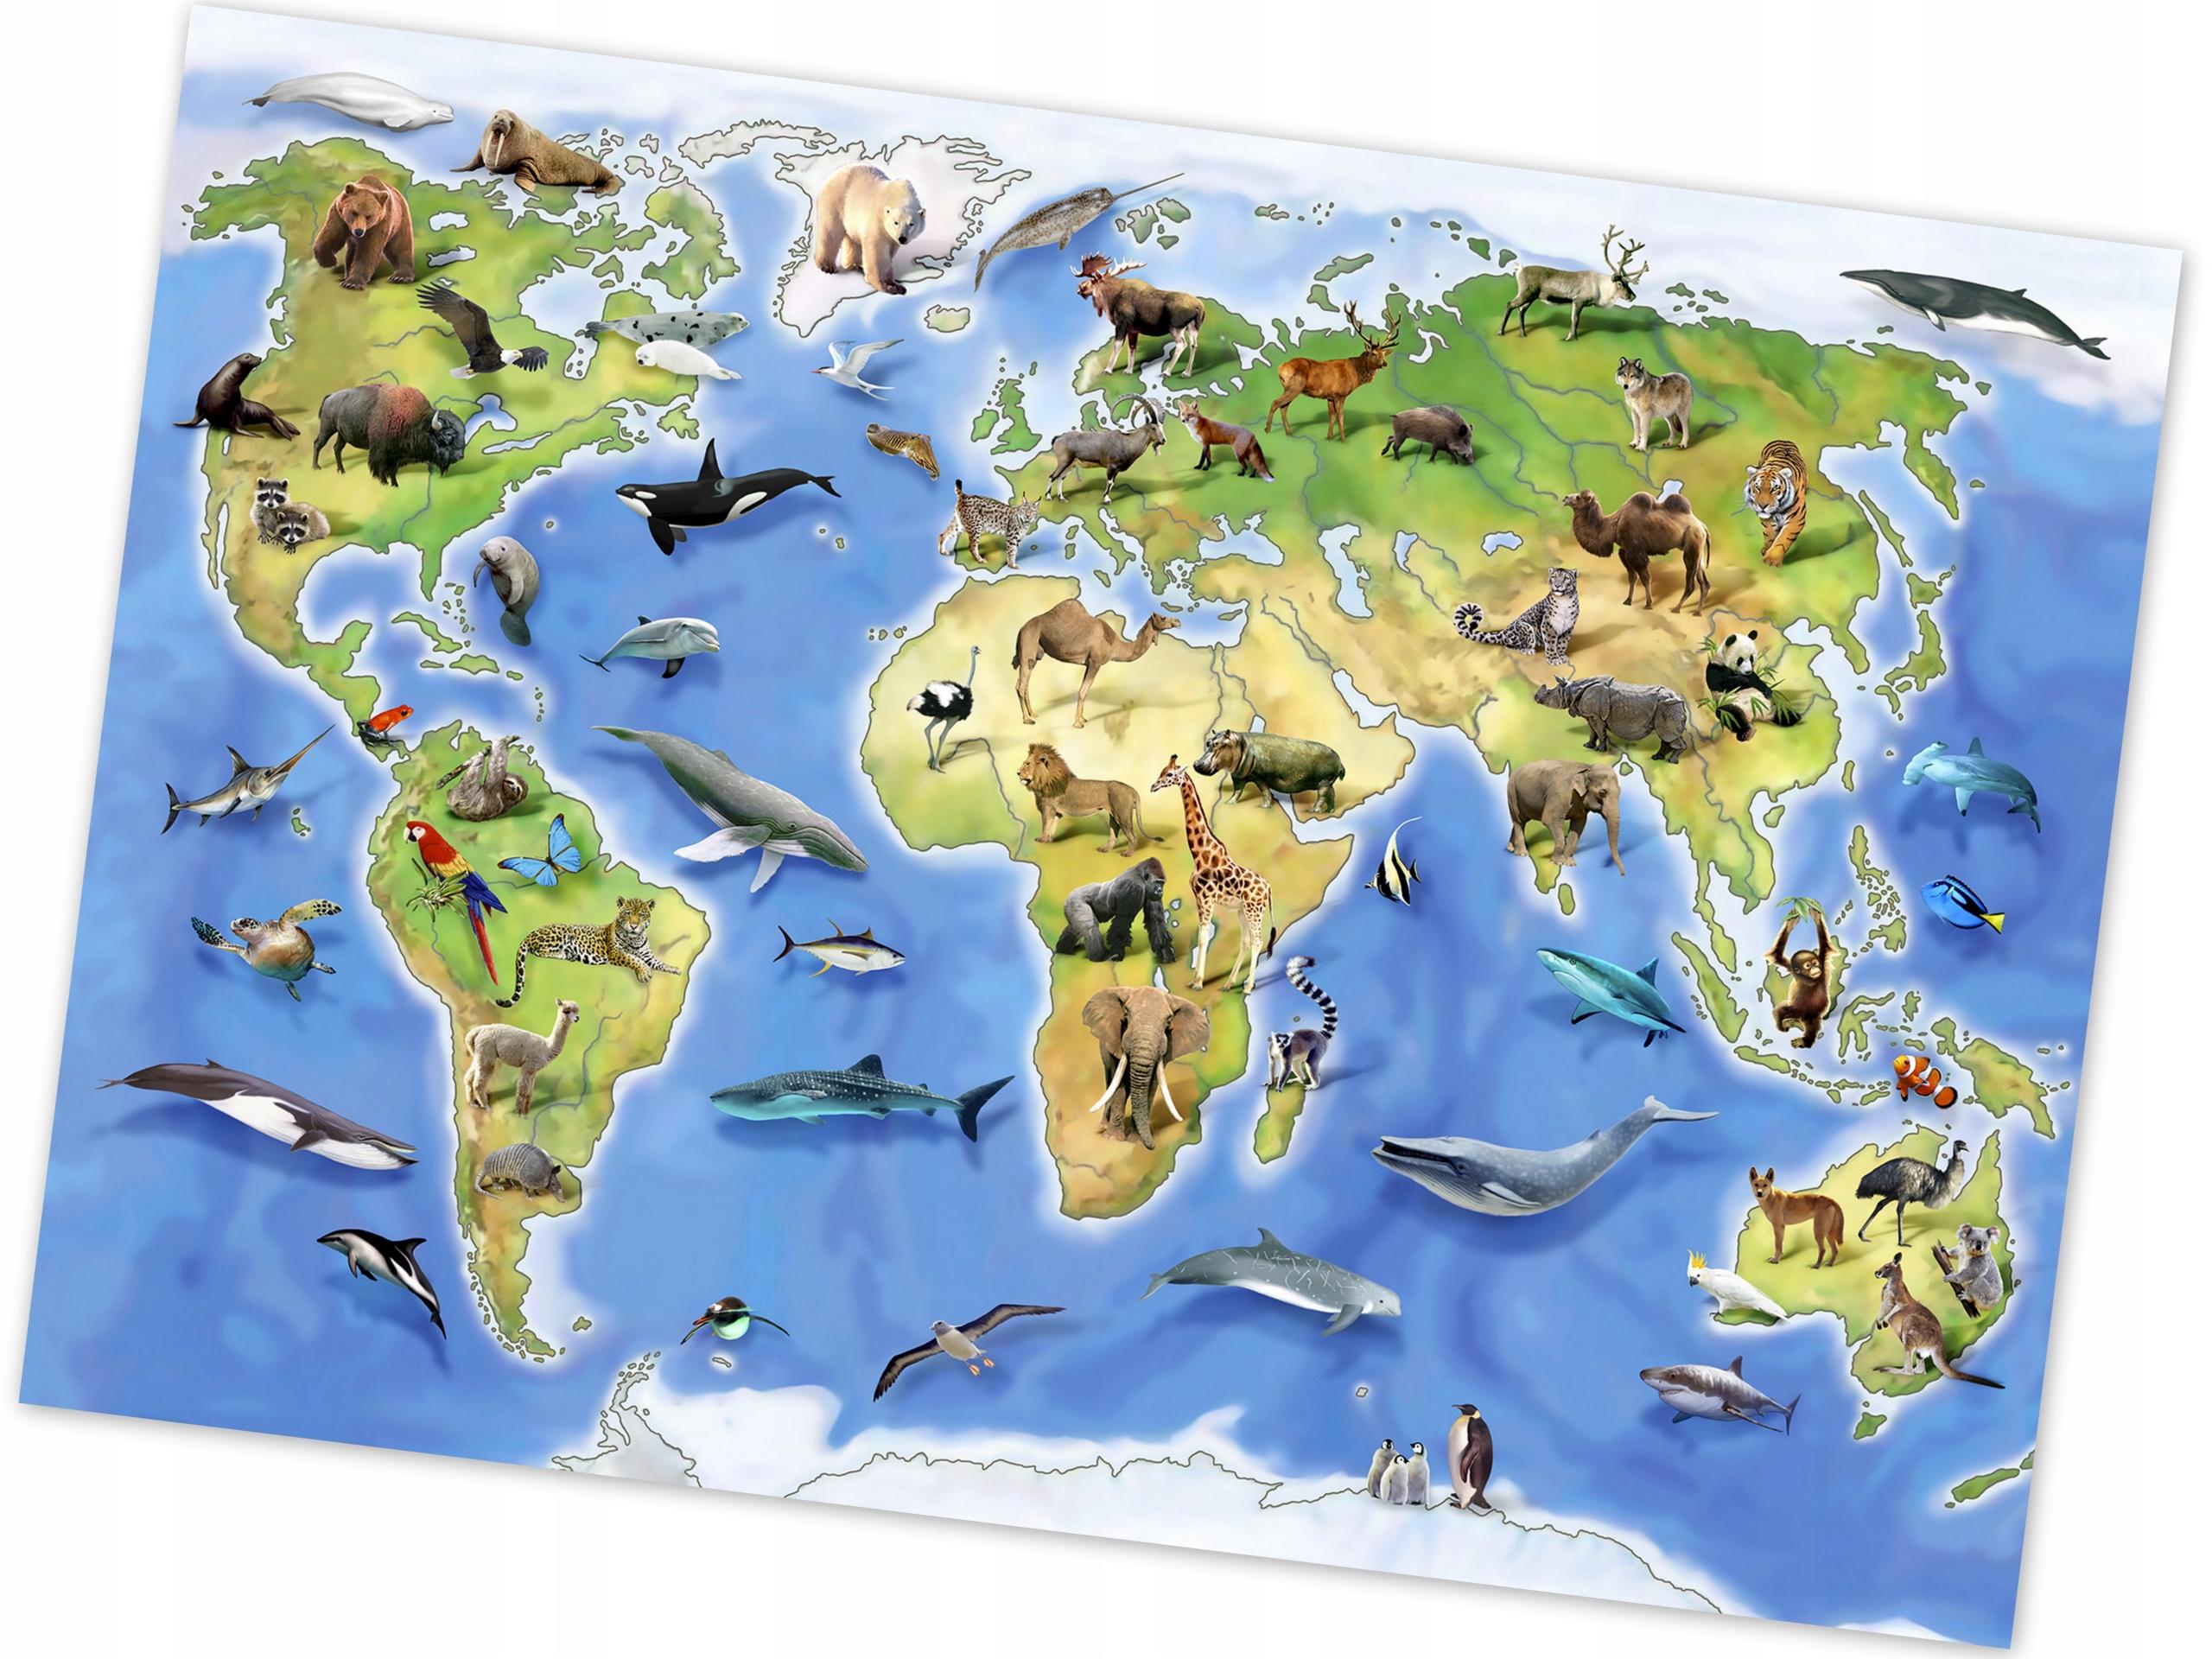 владельцев, карта мира с картинками животных вечерница